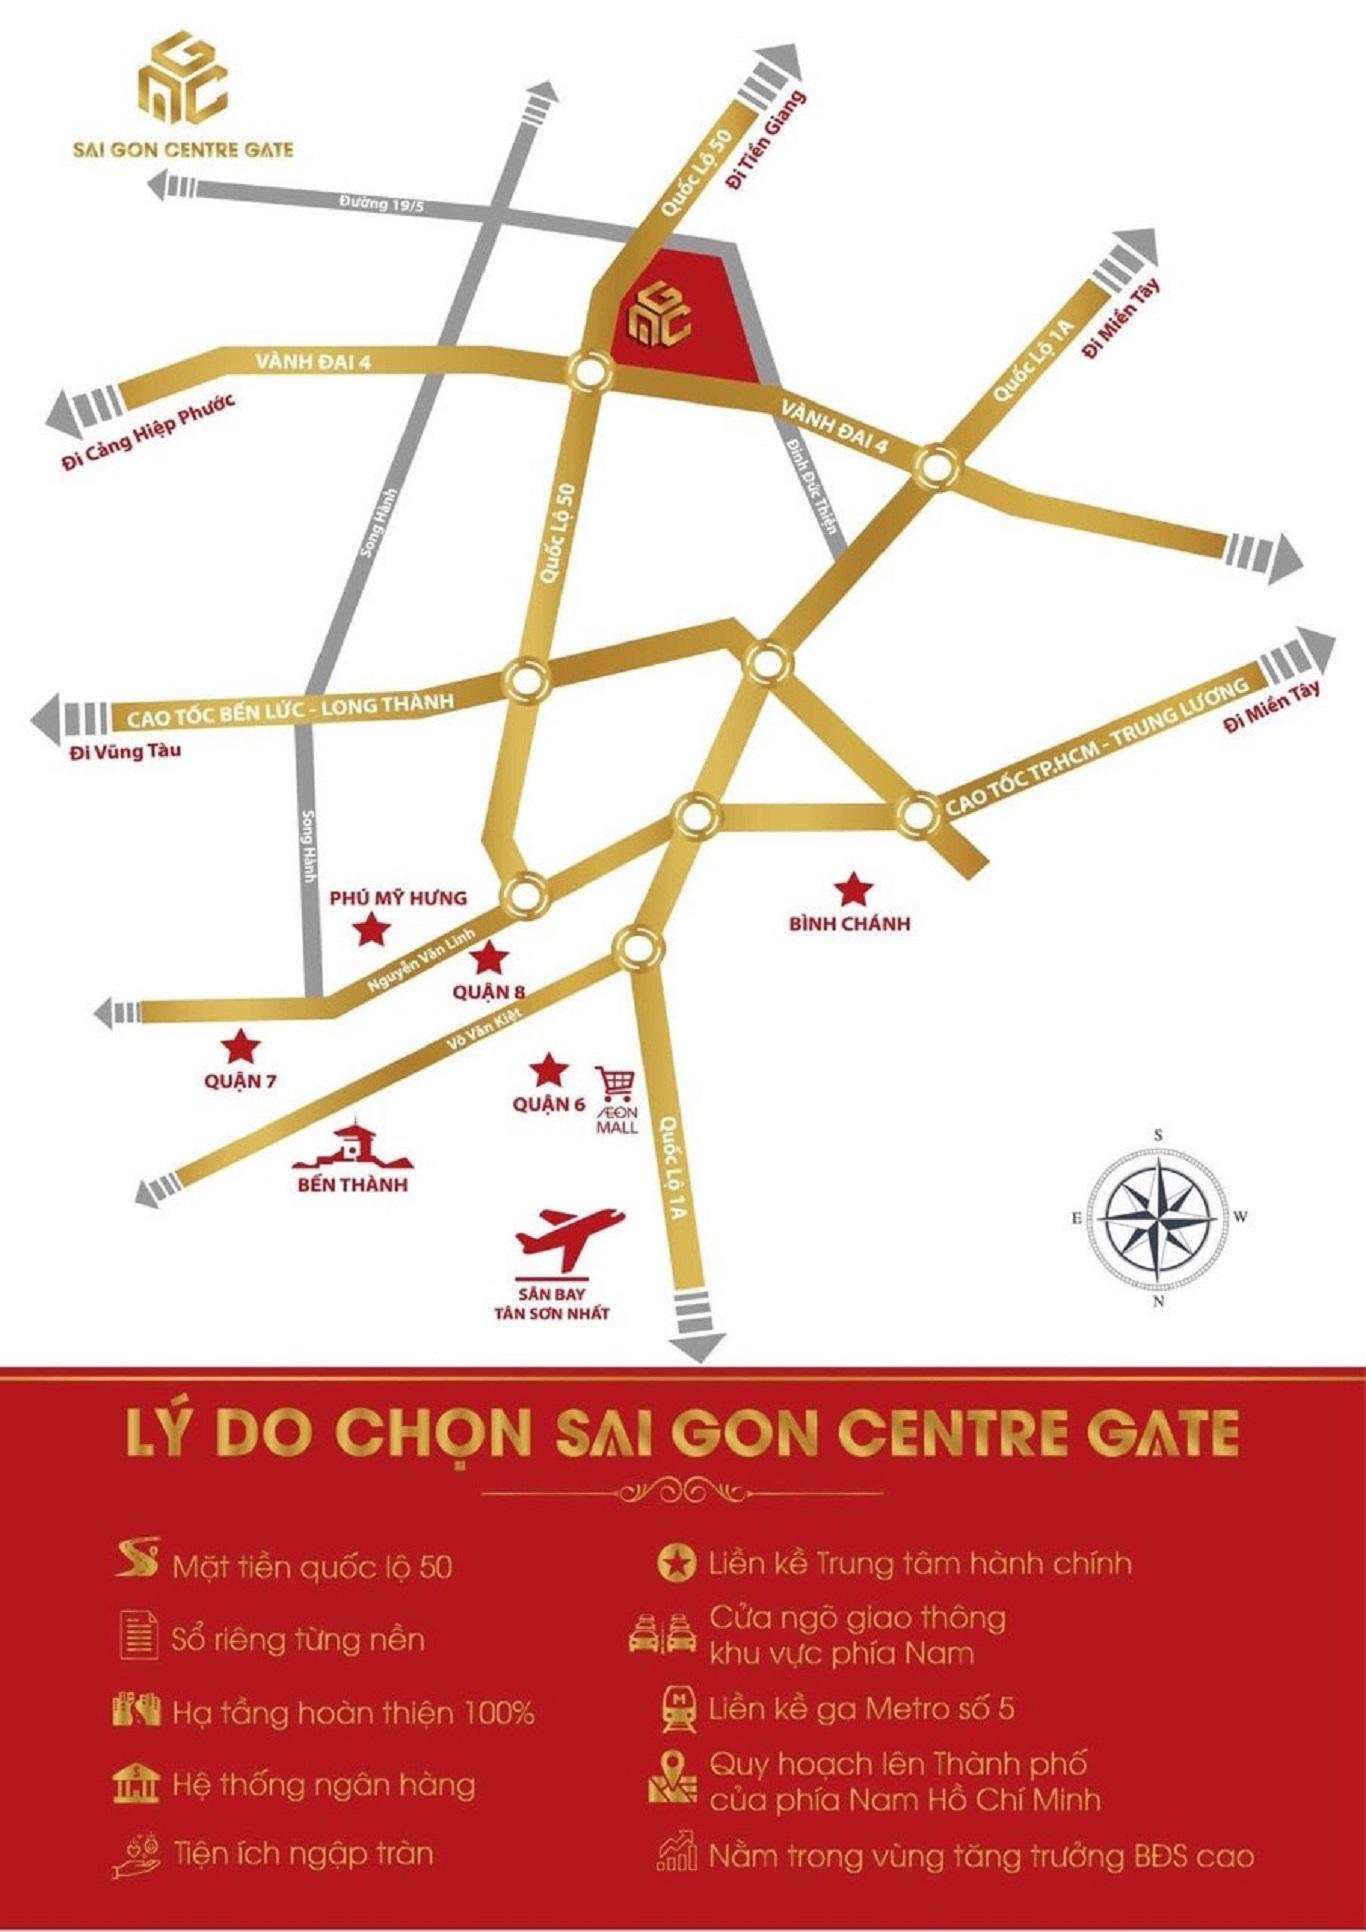 Vị trí dự án Khu dân cư Sài Gòn Centre Gate trên bản đồ